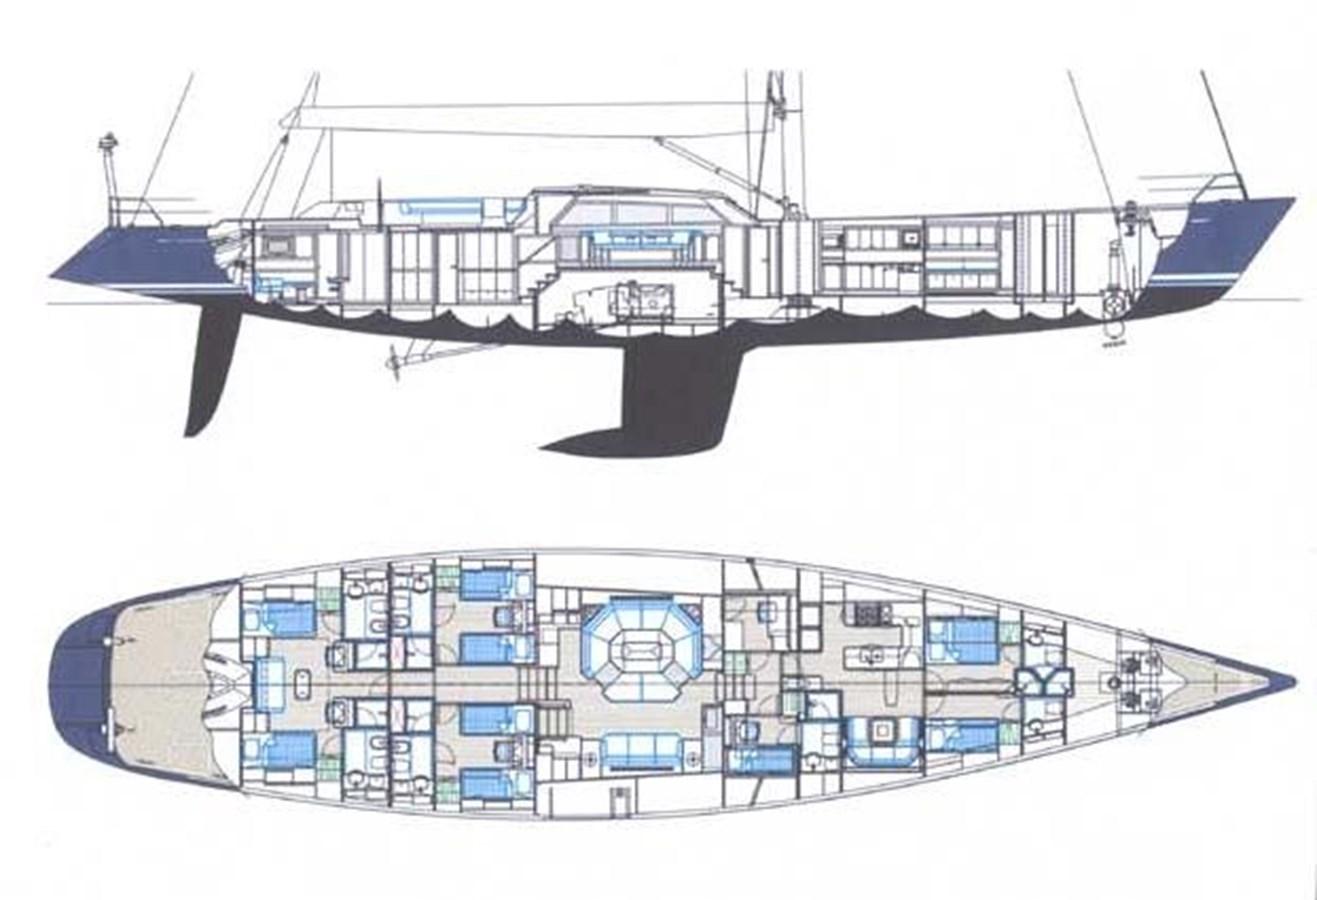 1999 NAUTOR'S SWAN 112 -01 Cruiser 2501093